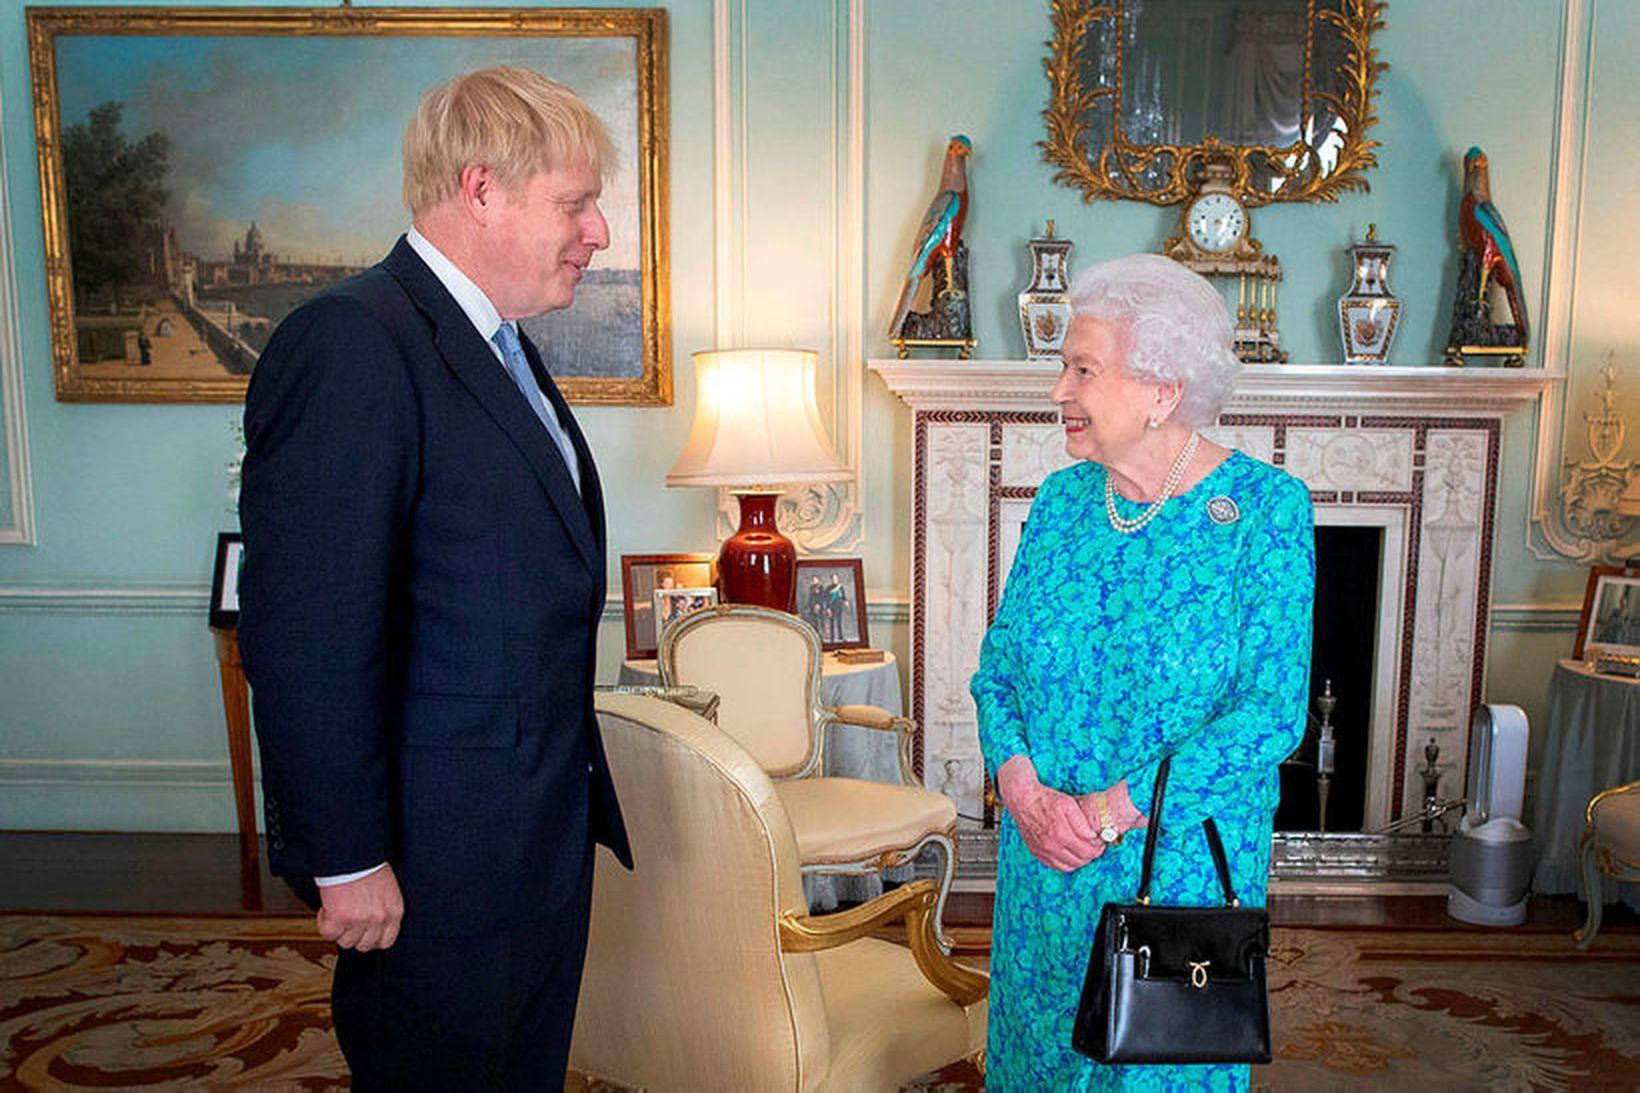 Boris Johnson, forsætisráðherra Bretlands, og Elizabeth II Bretadrottning í Buckinghamhöll.